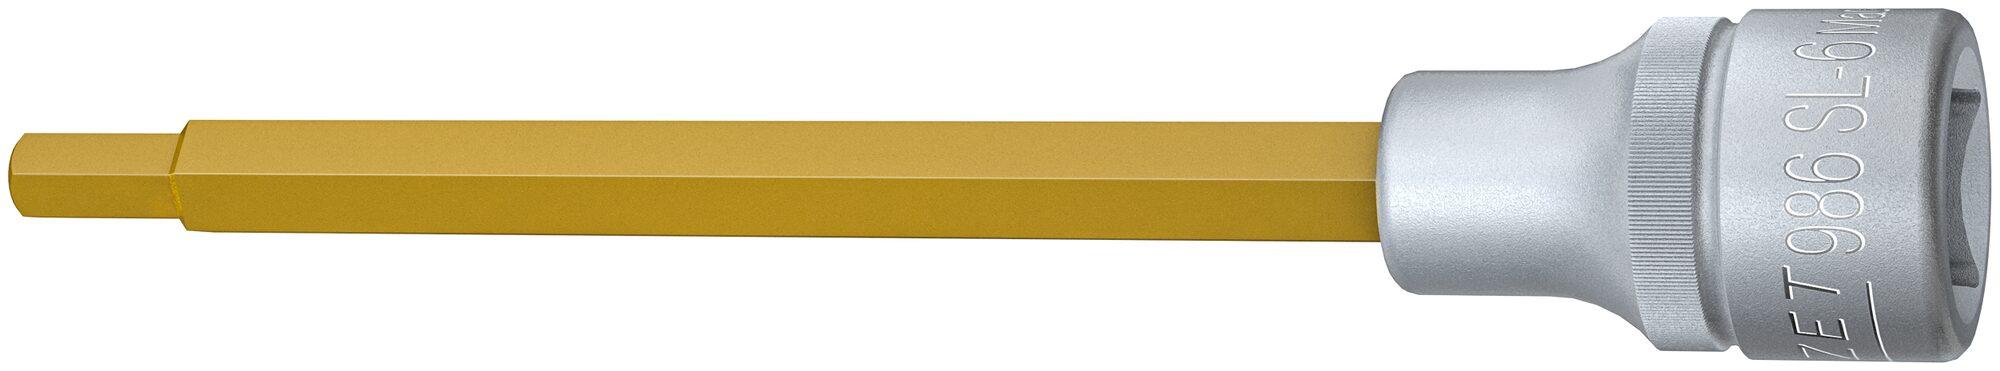 HAZET Schraubendreher-Steckschlüsseleinsatz 986SL-6 ∙ Vierkant hohl 12,5 mm (1/2 Zoll) ∙ Innen-Sechskant Profil ∙ 6 mm